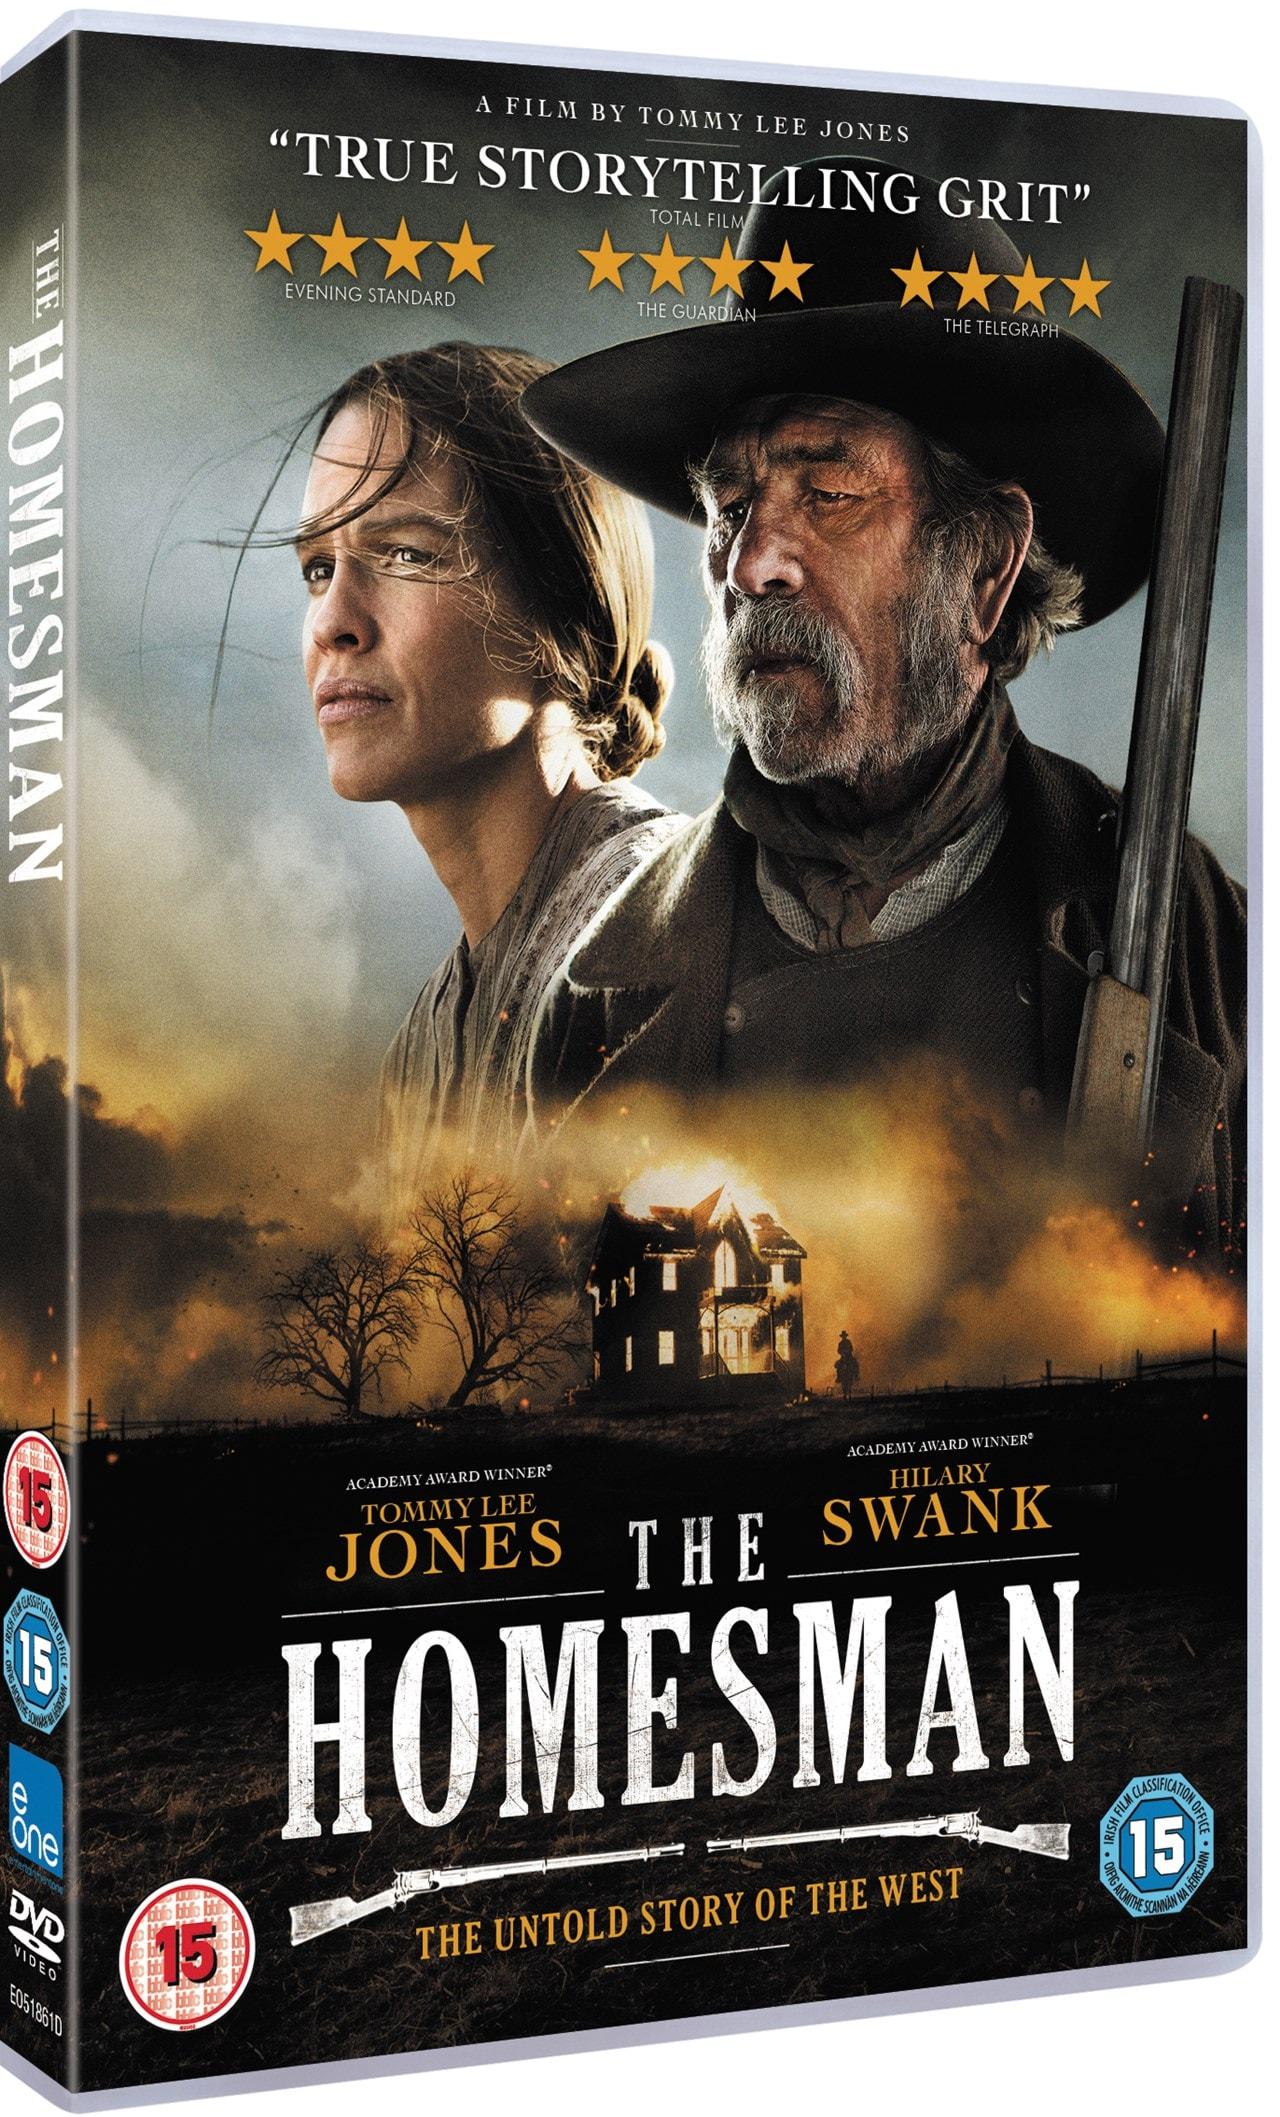 The Homesman - 2